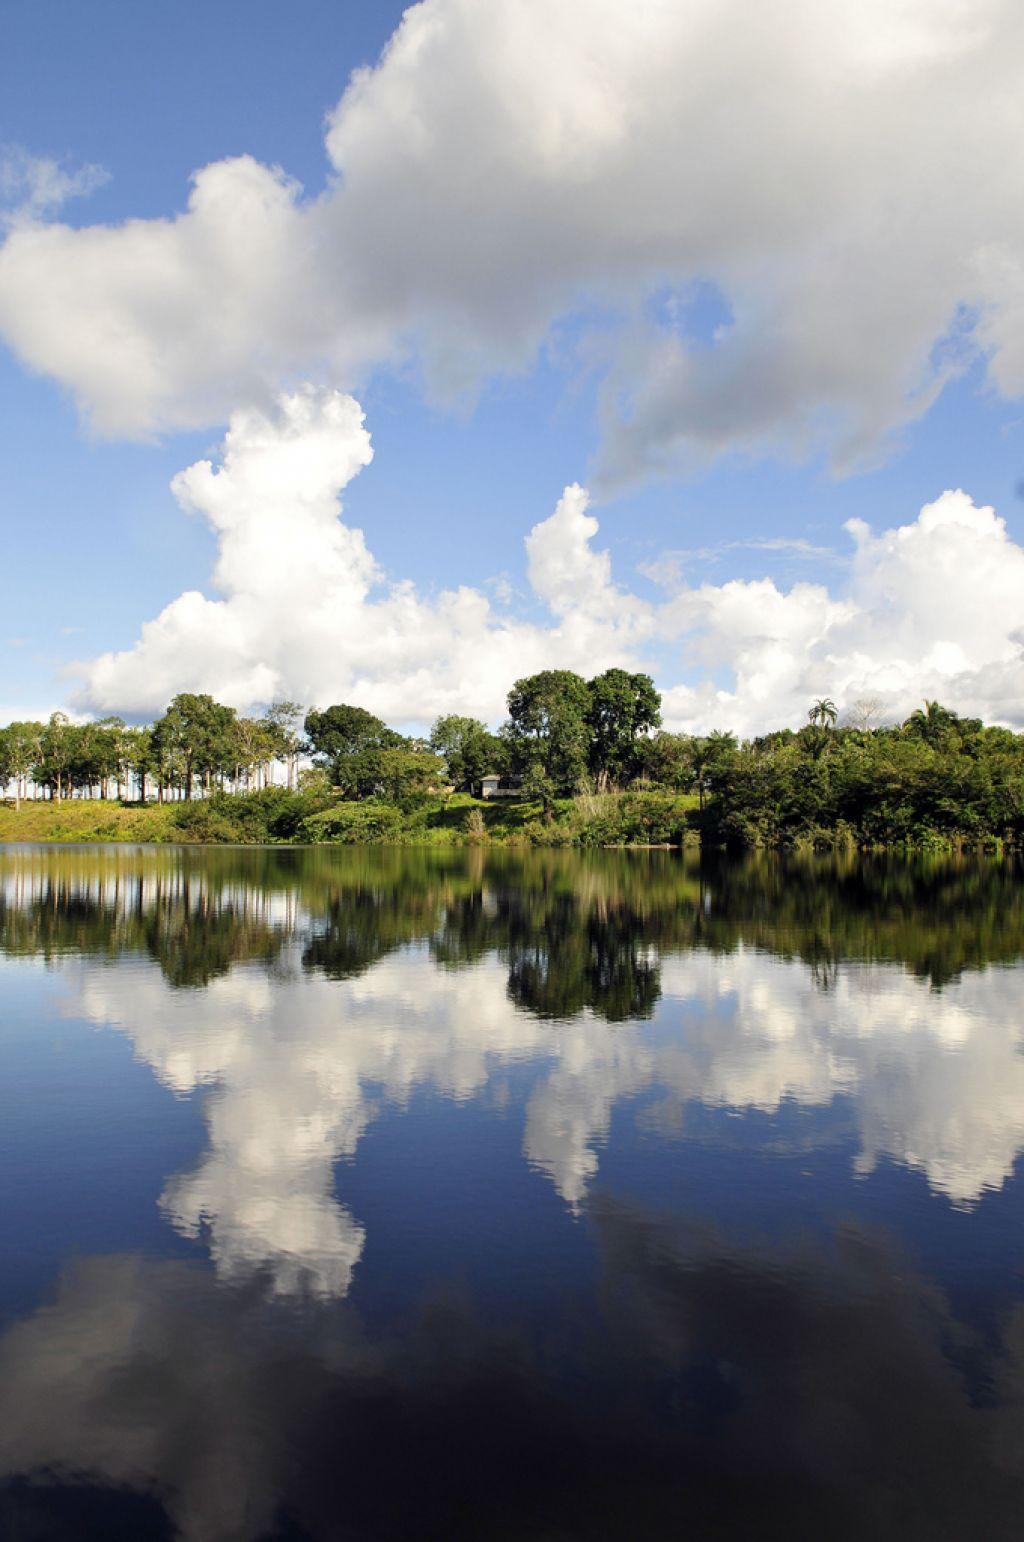 amazon rainforest11 Top Facts about Amazon Rainforest